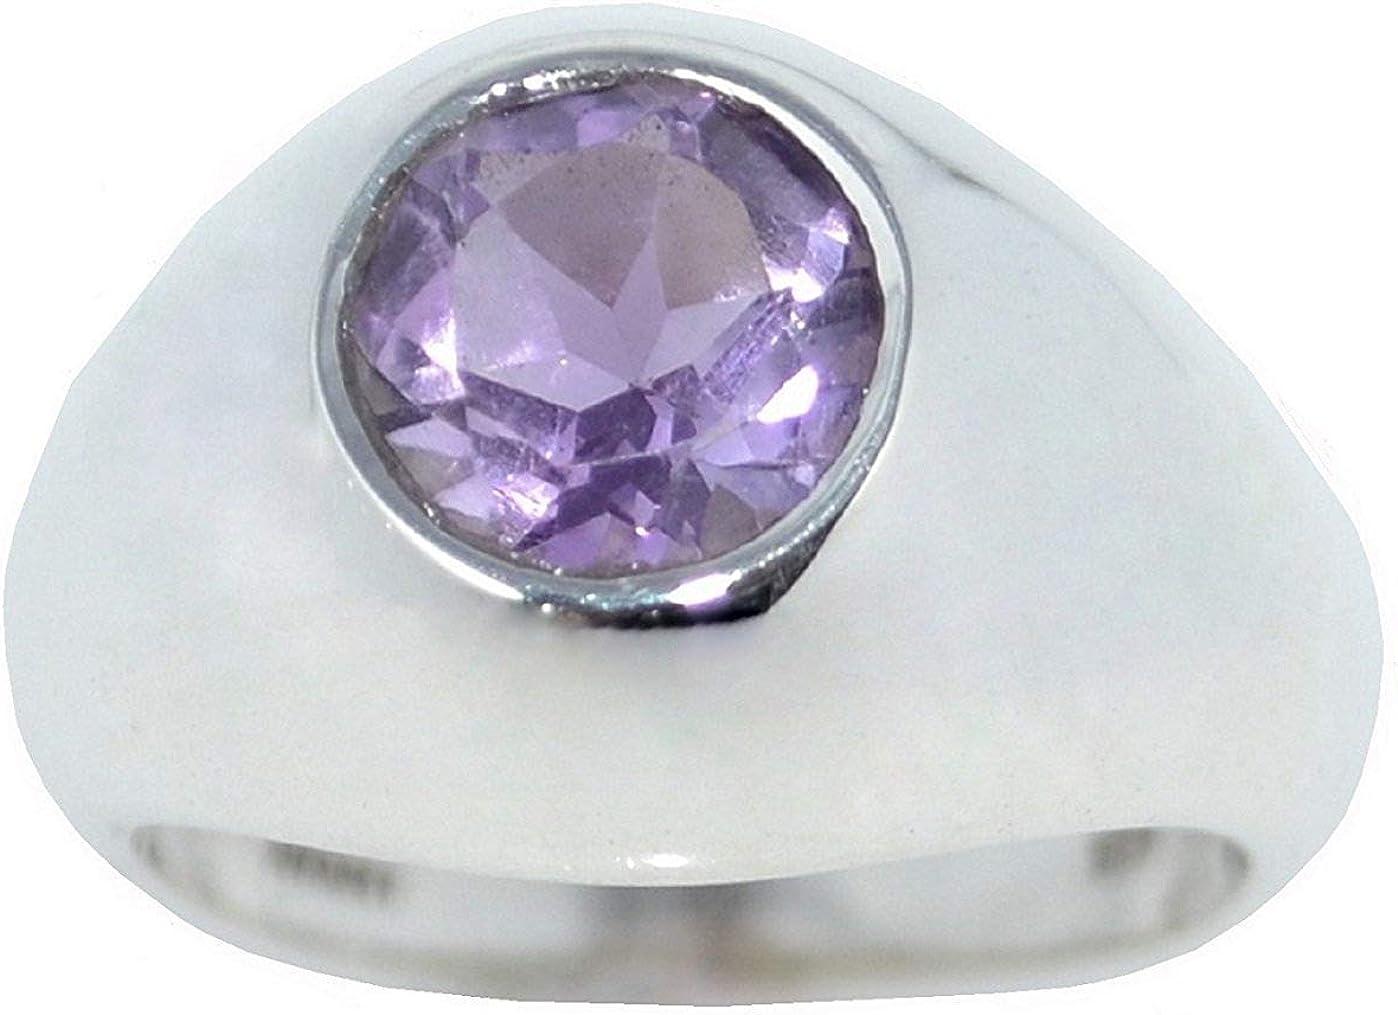 De caballero Plata De Ley 925 Amatista Violeta Anillo Hombre, Auténtico Piedra preciosa, Tallas N a Z+5 Disponible